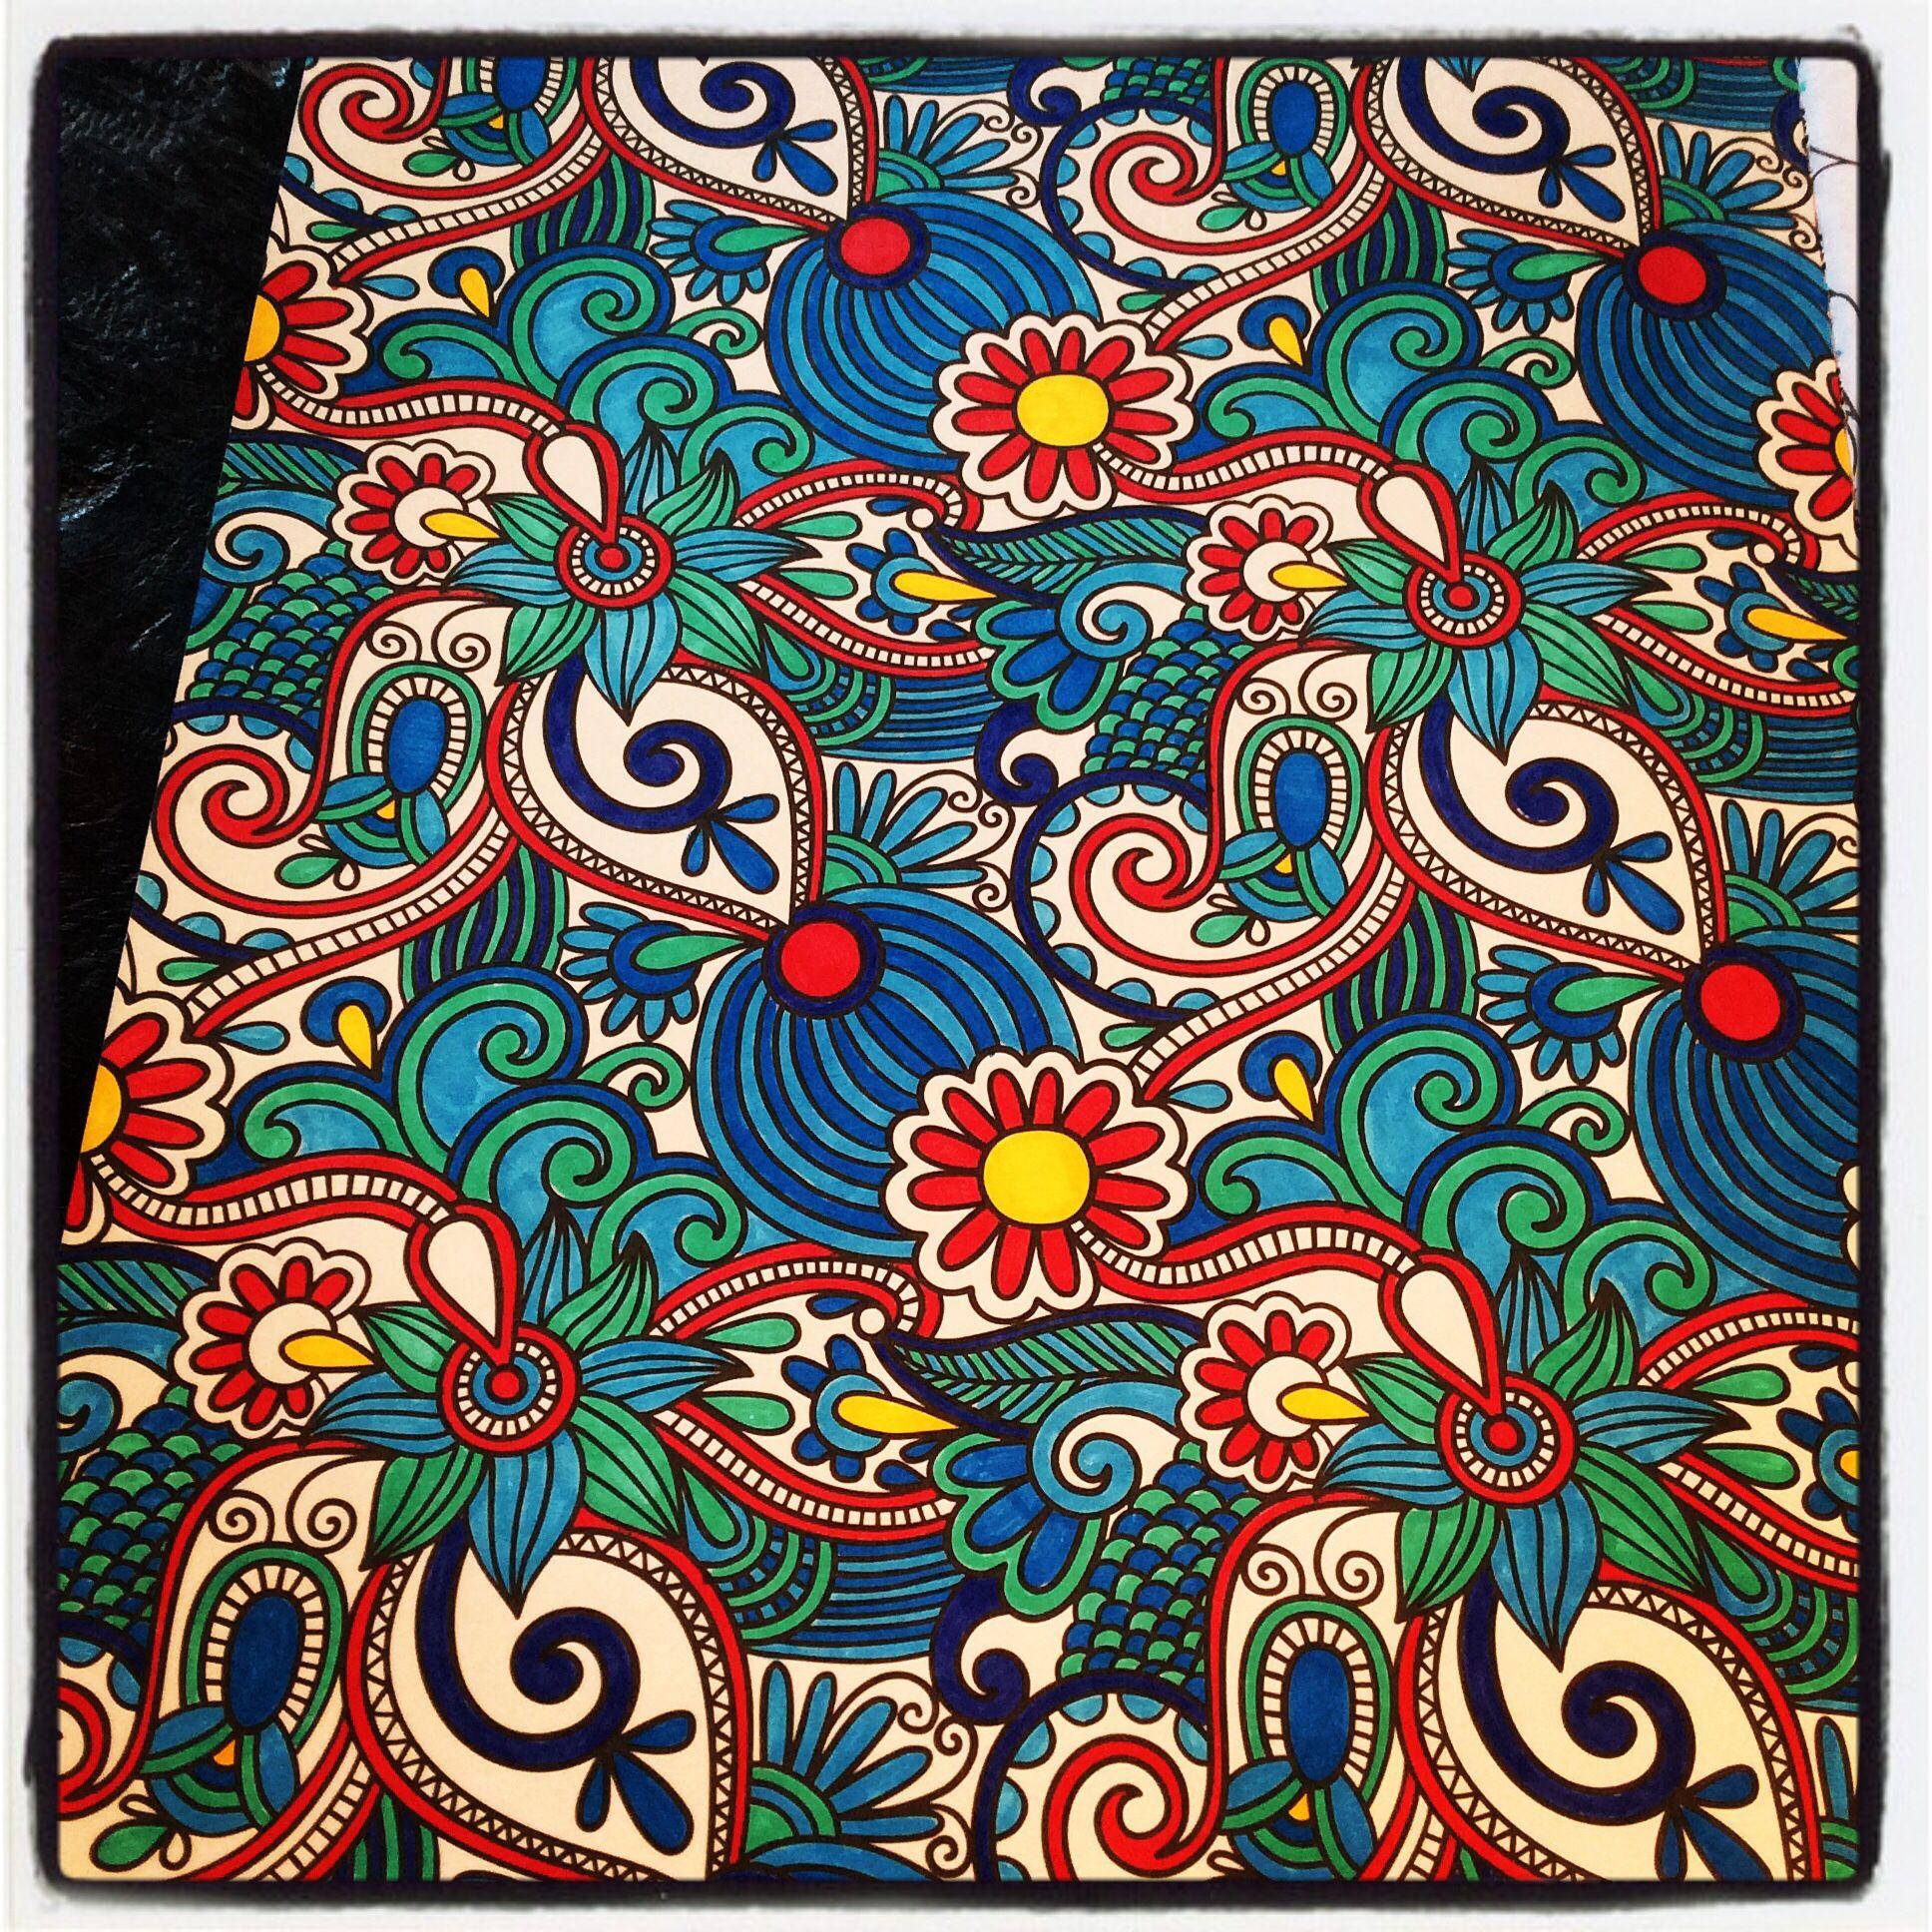 Kleurboek Voor Volwassenen Slechts 6 Kleuren Gebruikt Mandala Coloring Coloring Books Cartoon Drawings